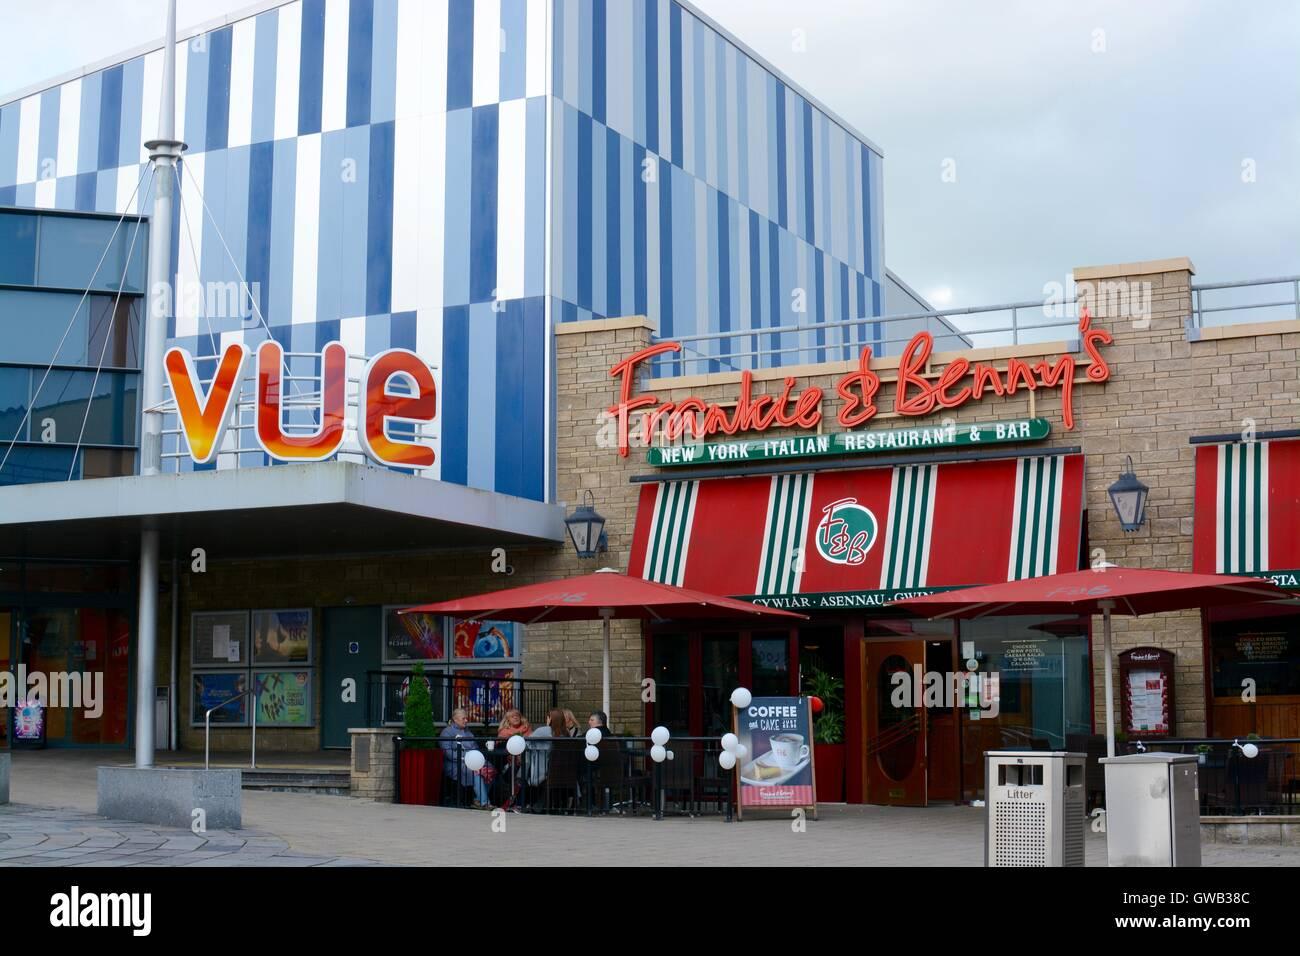 Vue cinemas carmarthen